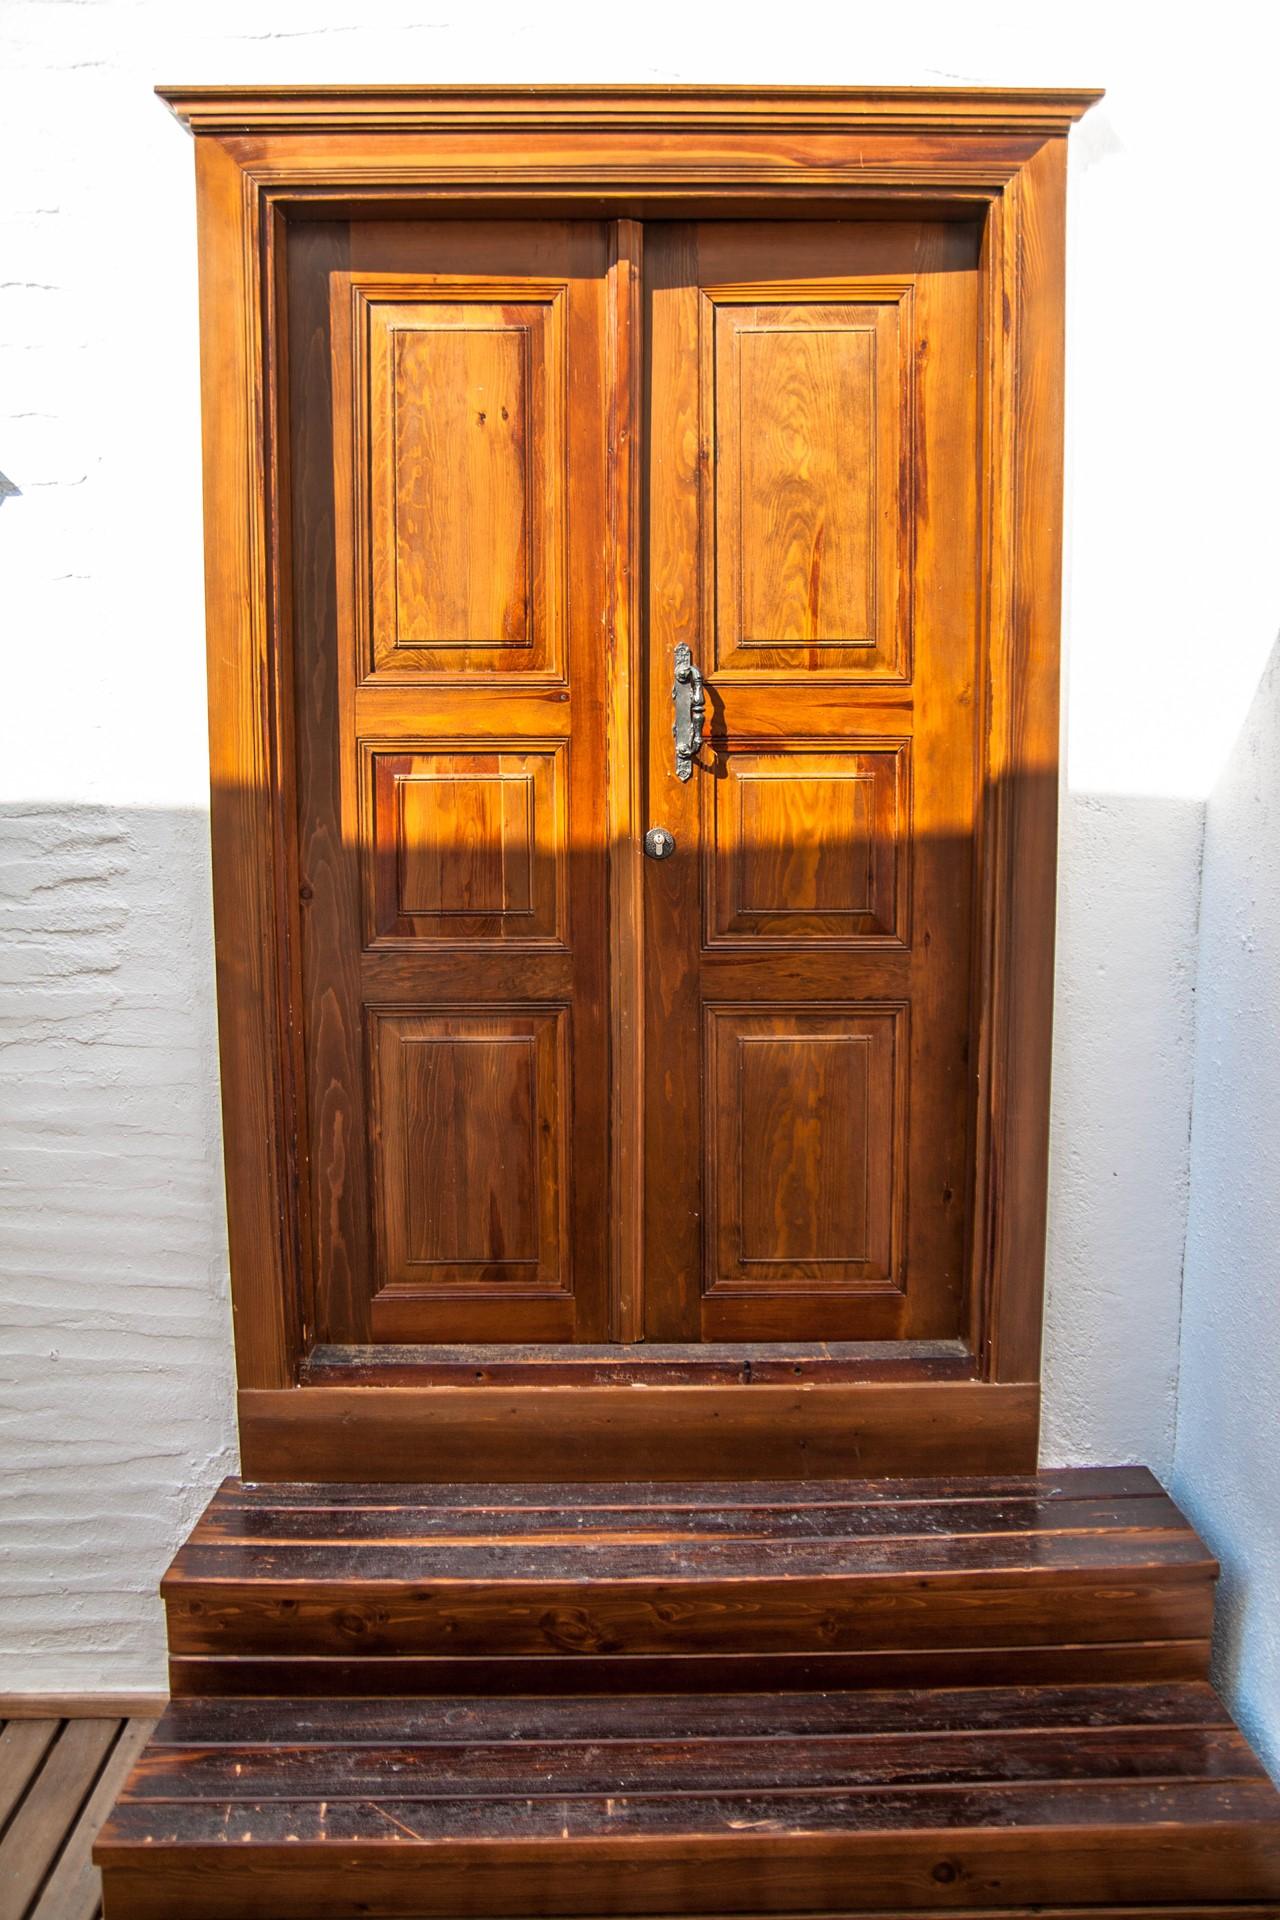 Door to room 2